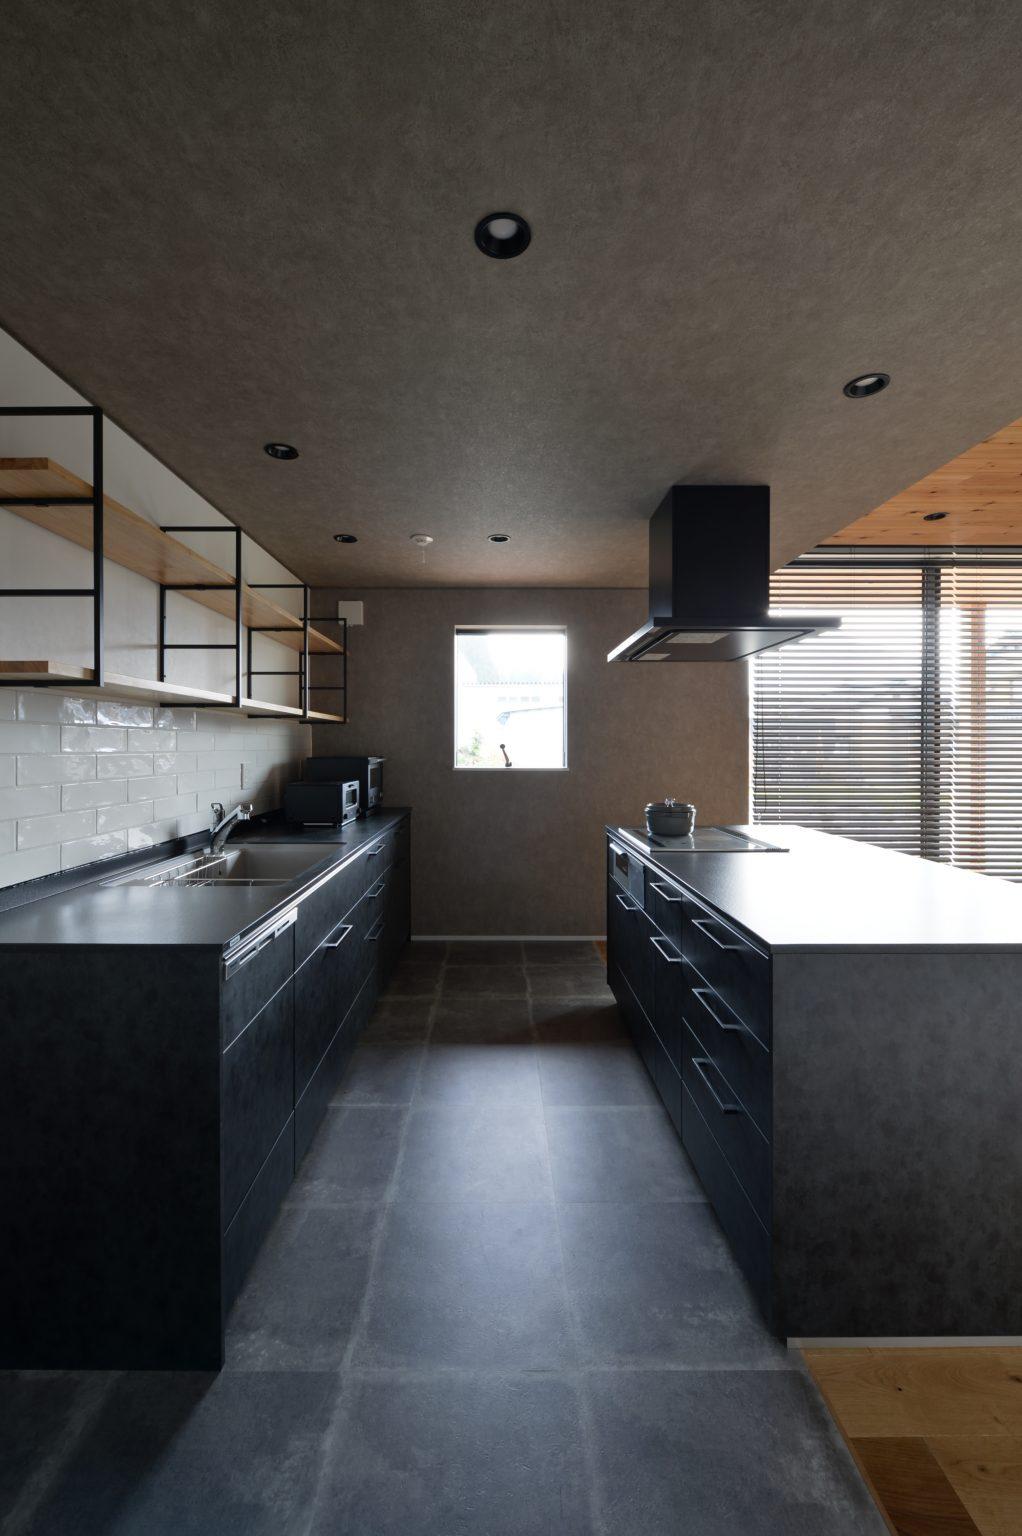 【キッチン】5-1-1022x1536